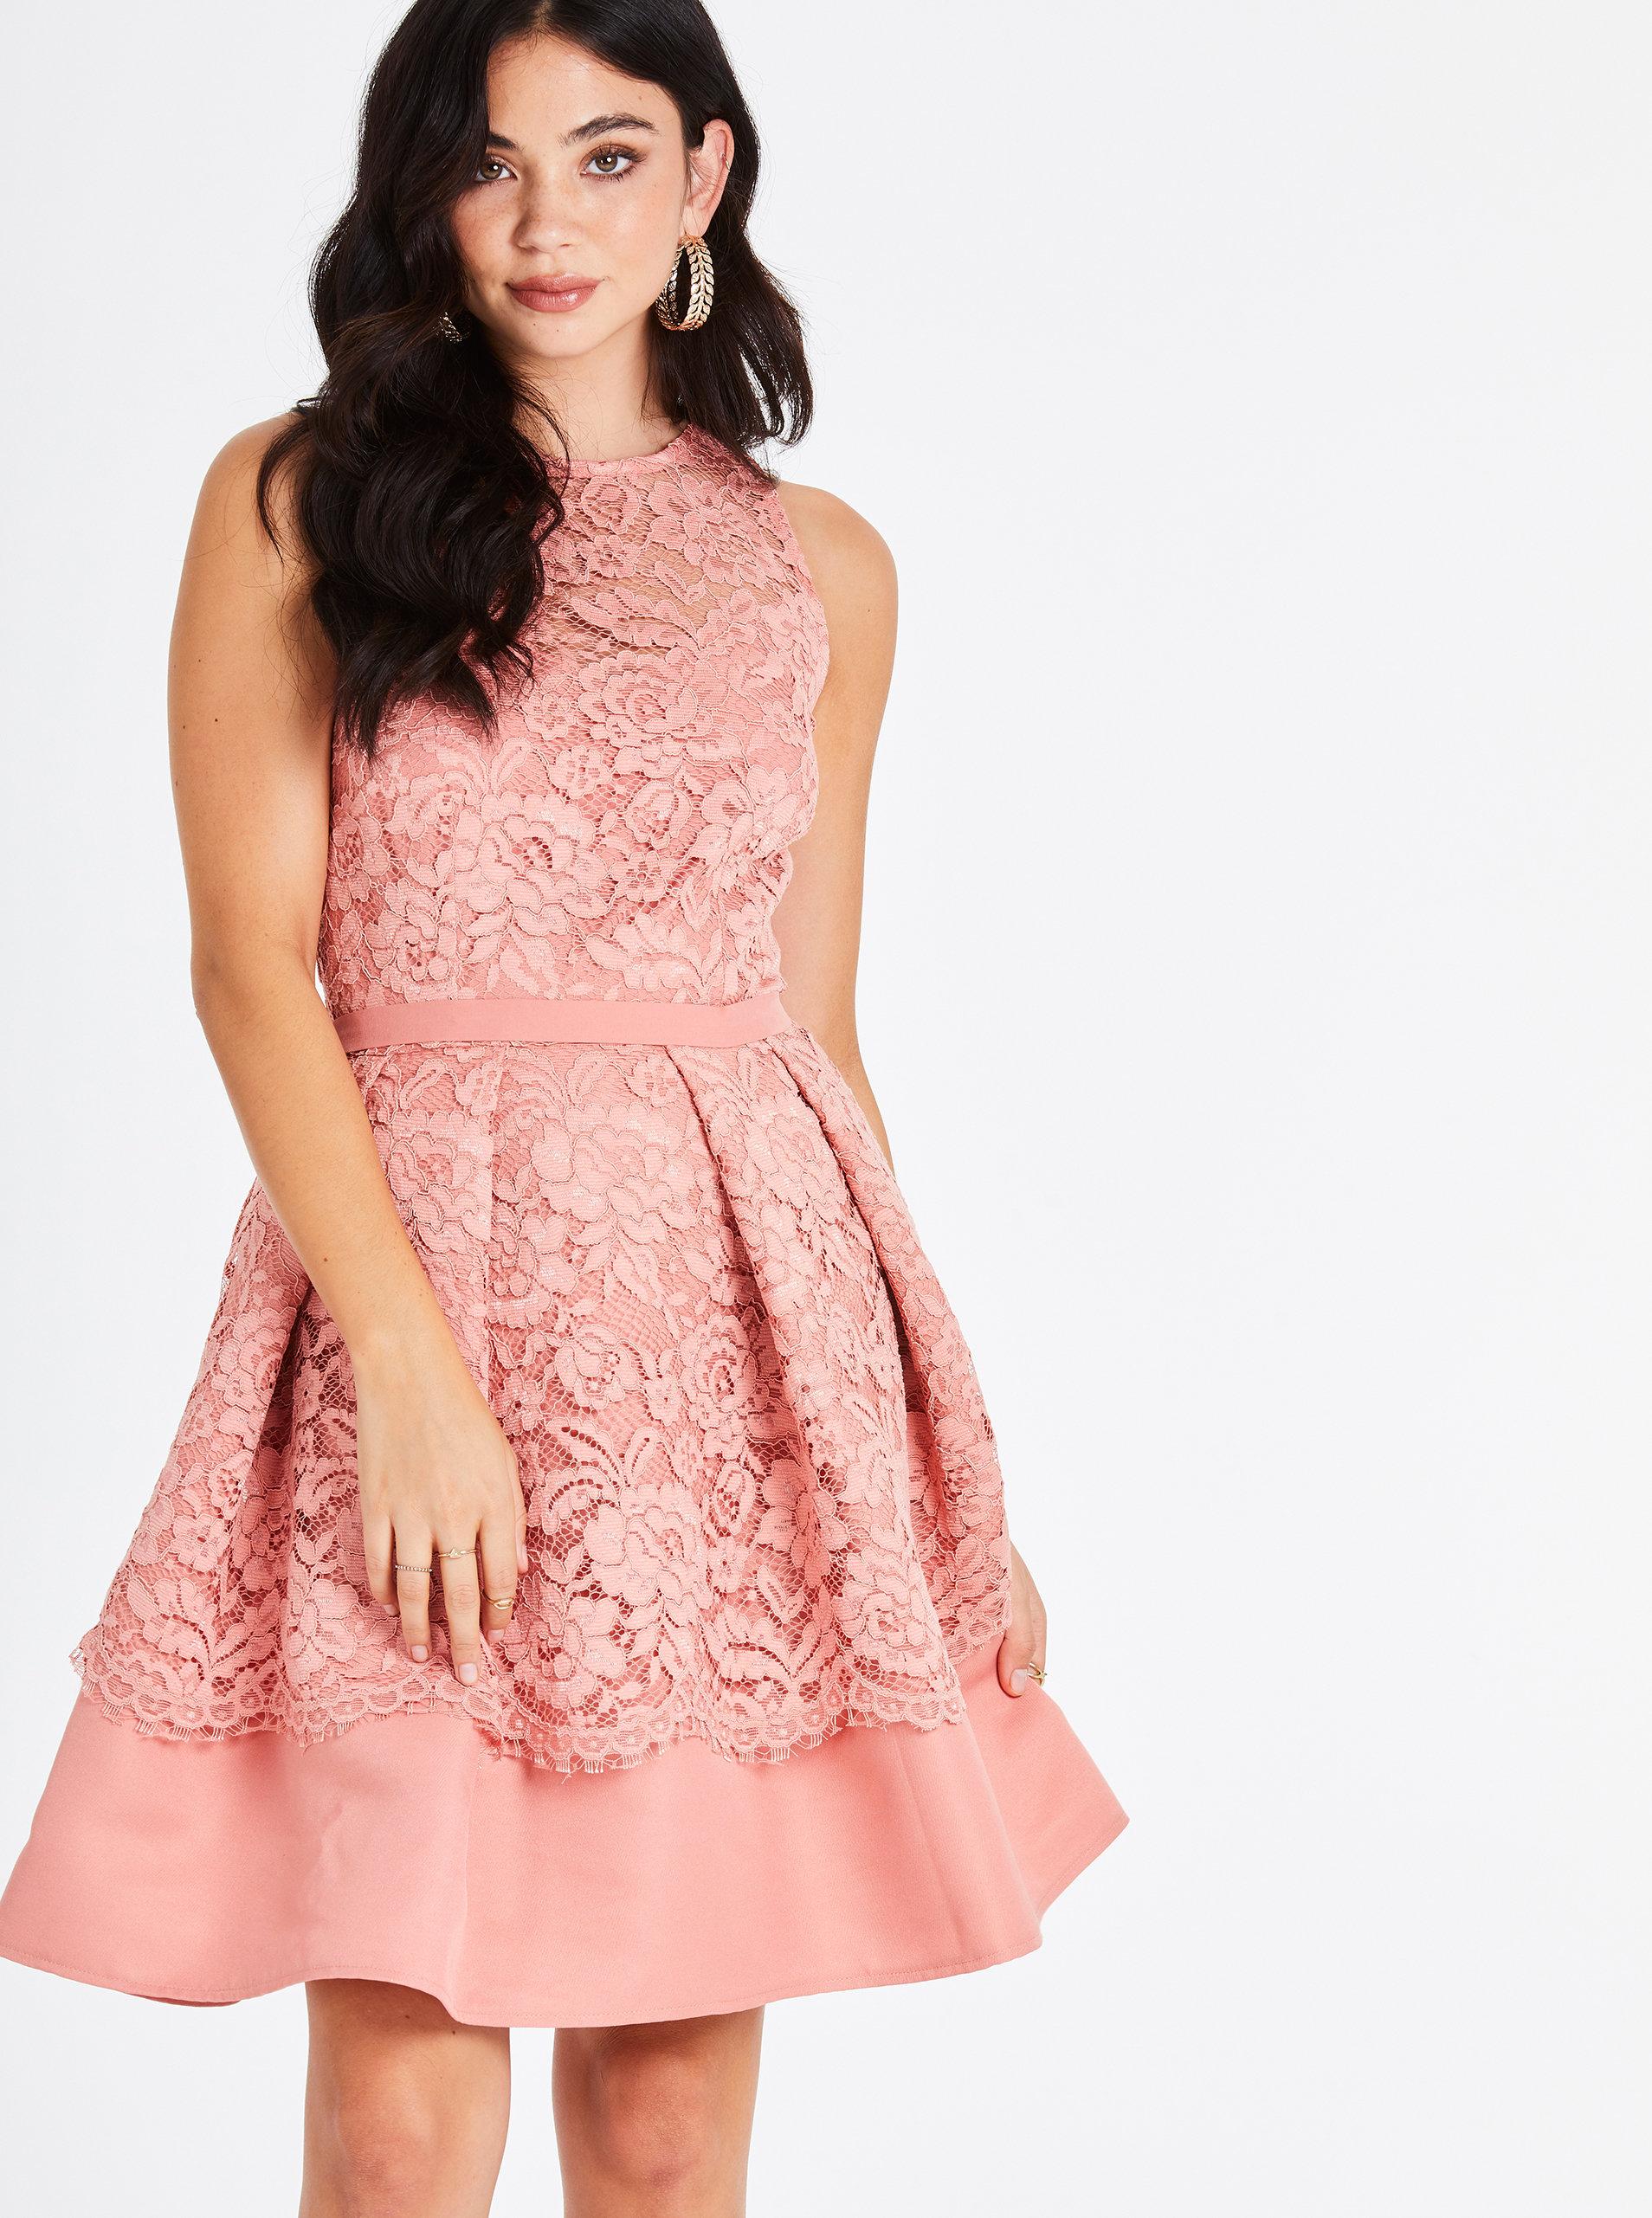 ddfc88980d80 Marhuľové čipkované šaty Little Mistress ...